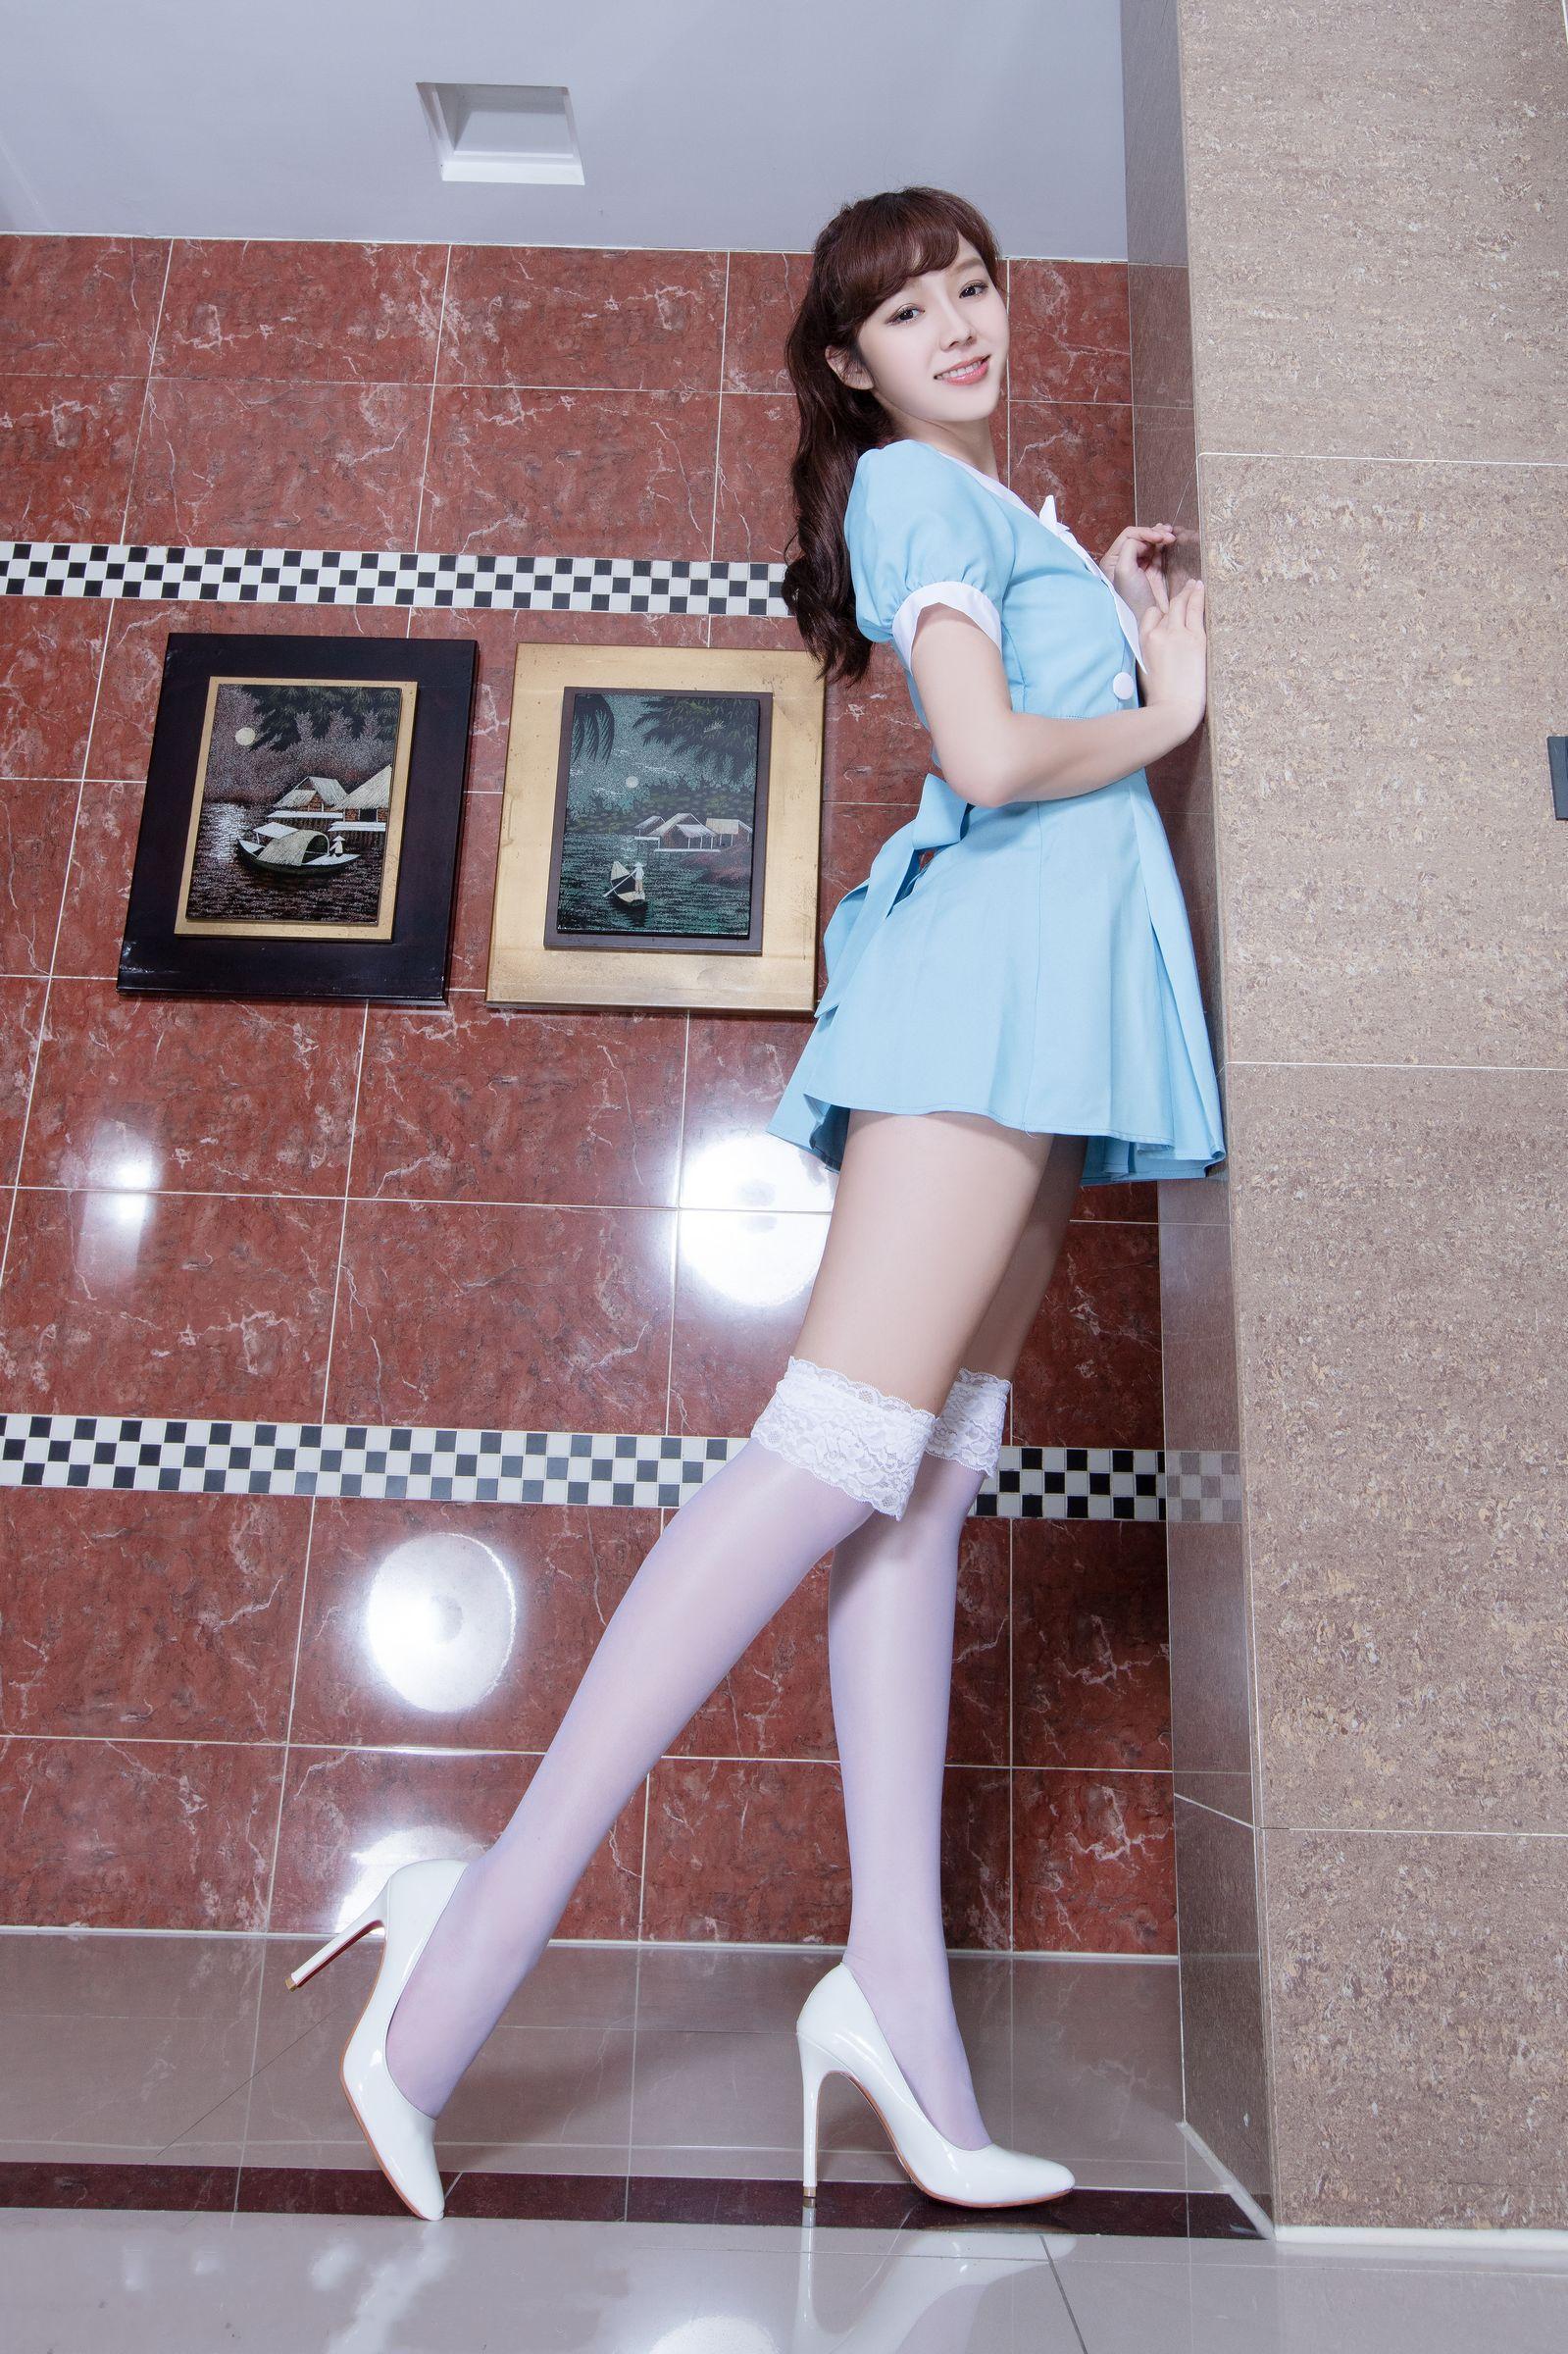 美女美腿秀Tammy2 - 花開有聲 - 花開有聲